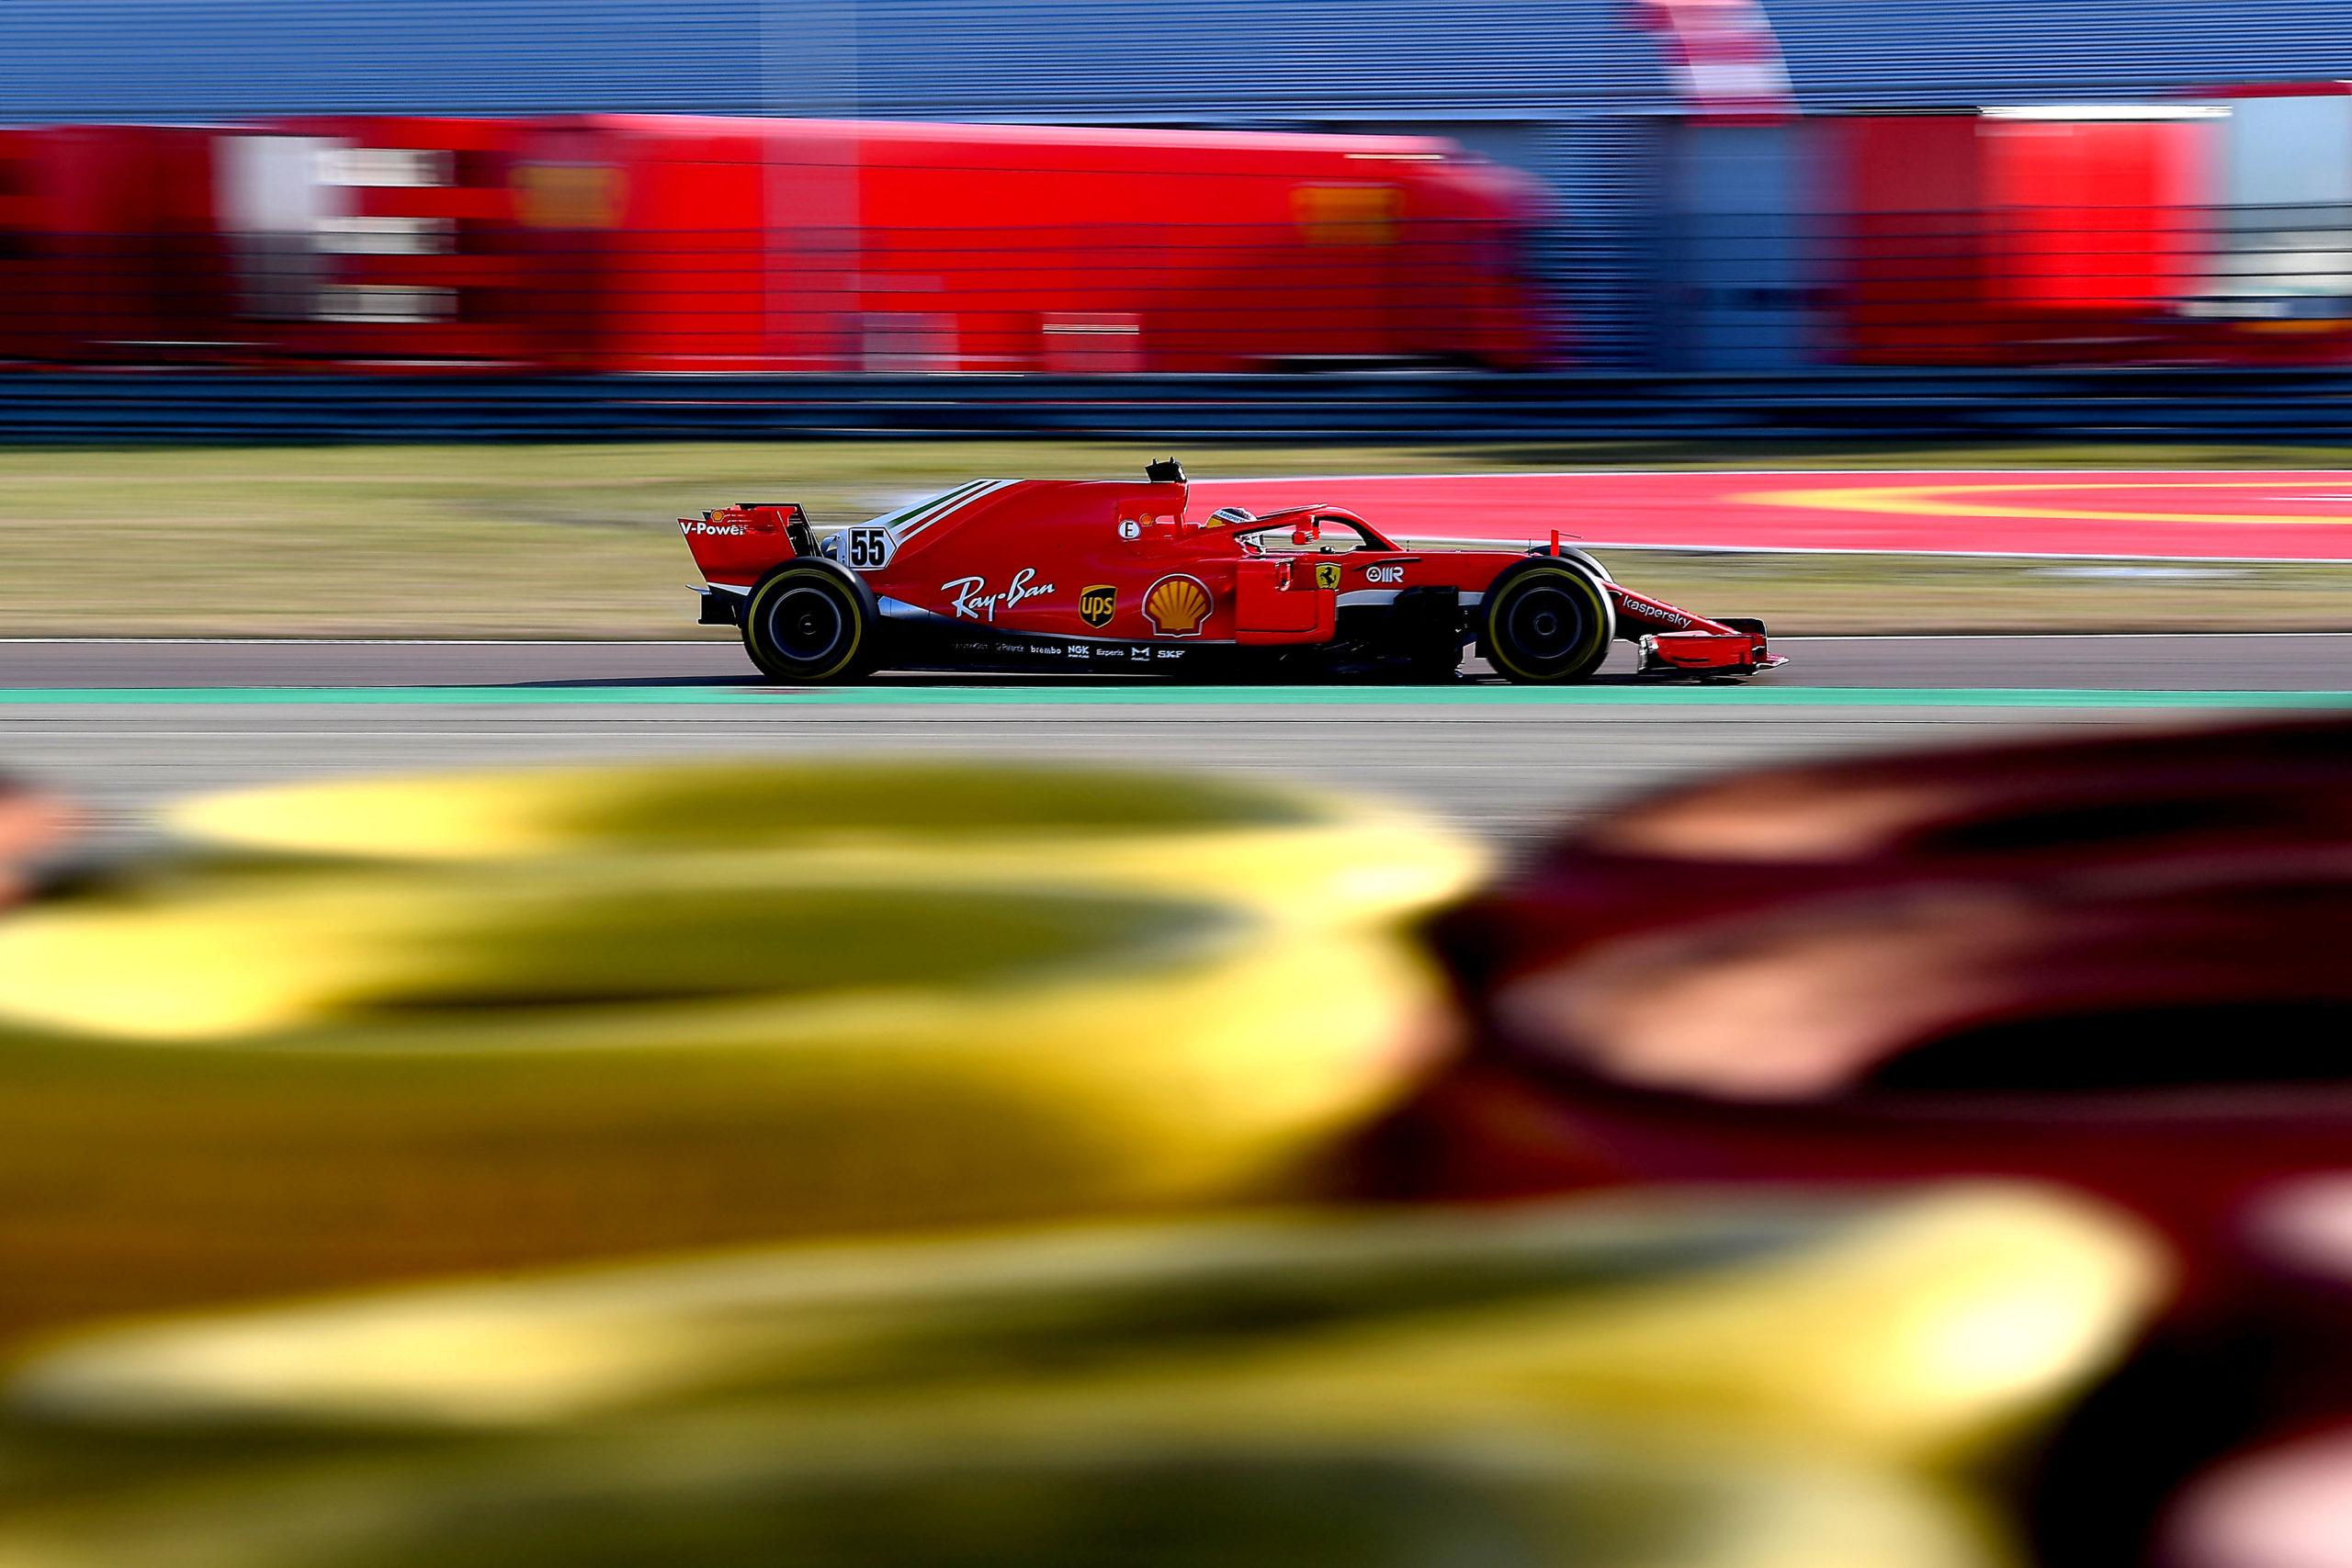 FERRARI F1 TEST FIORANO - GIOVEDI 28/01/2021 Carlos Sainz credit: @Scuderia Ferrari Press Office